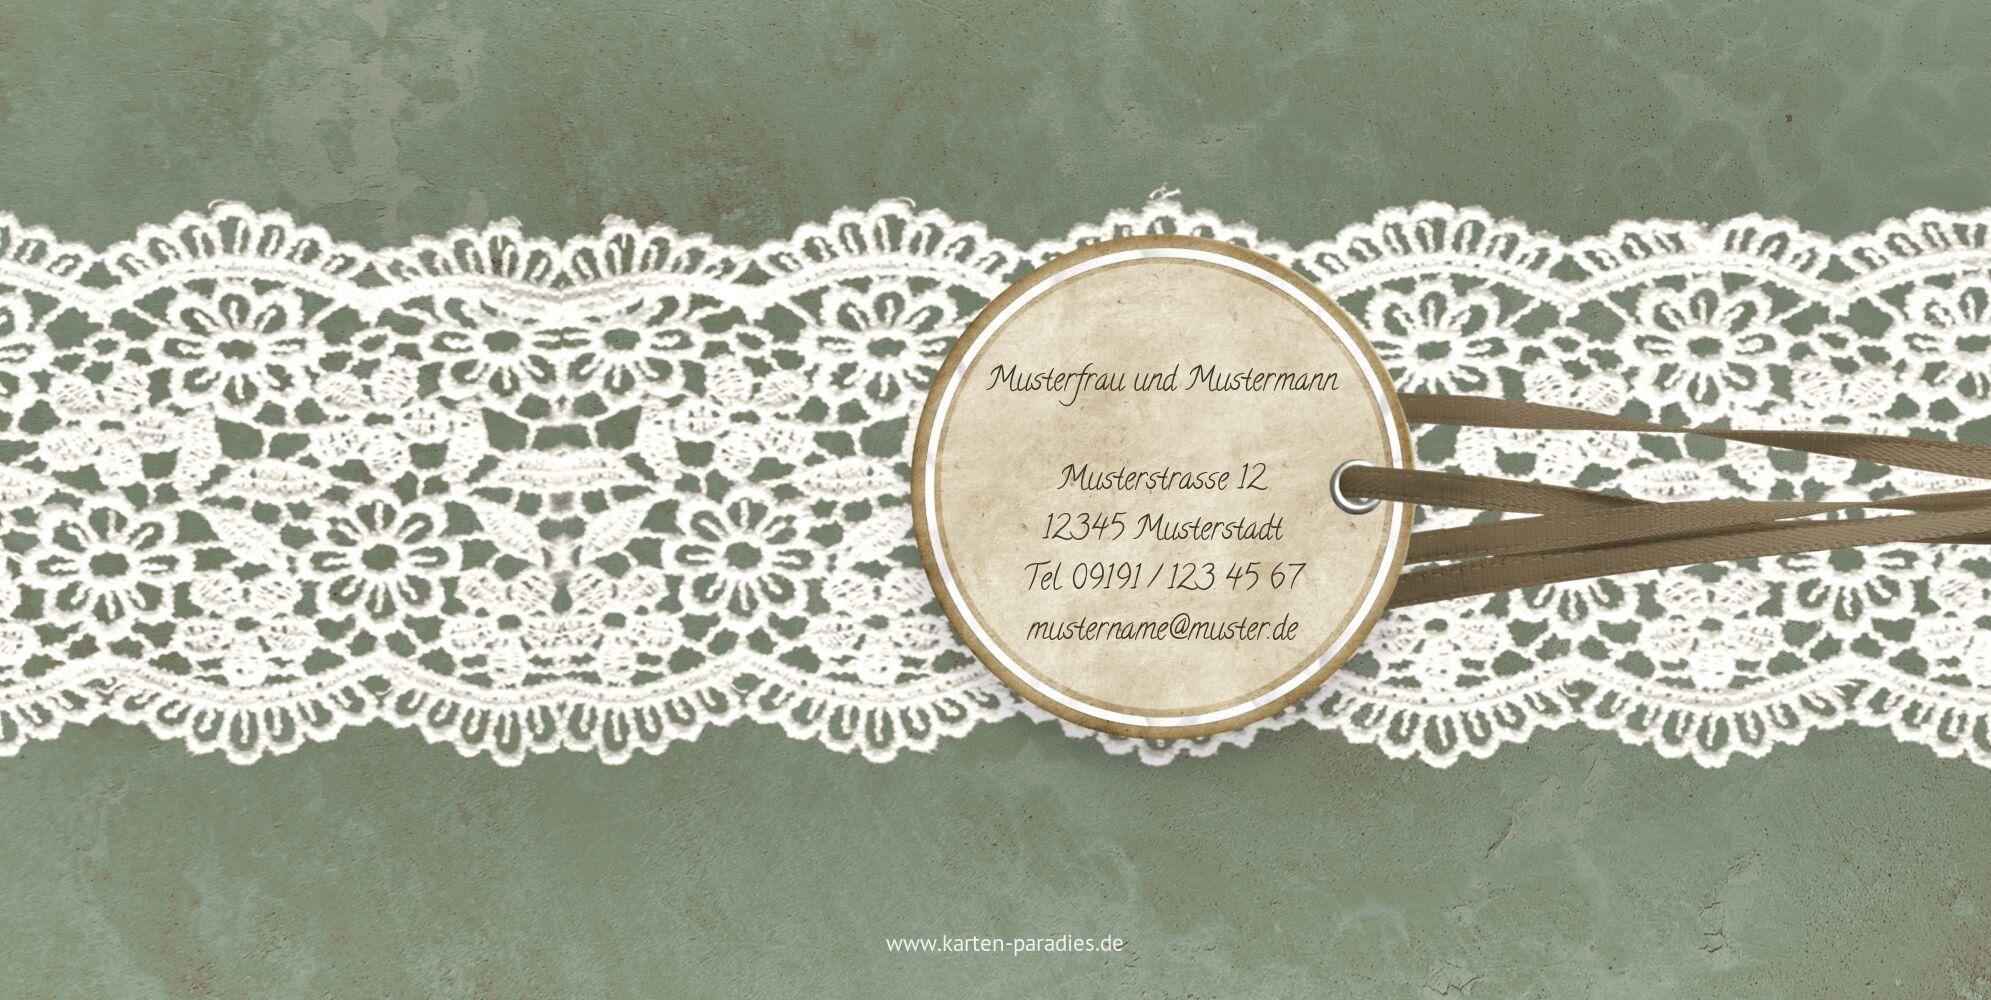 Ansicht 2 - Hochzeit Dankeskarte Vintage Lace